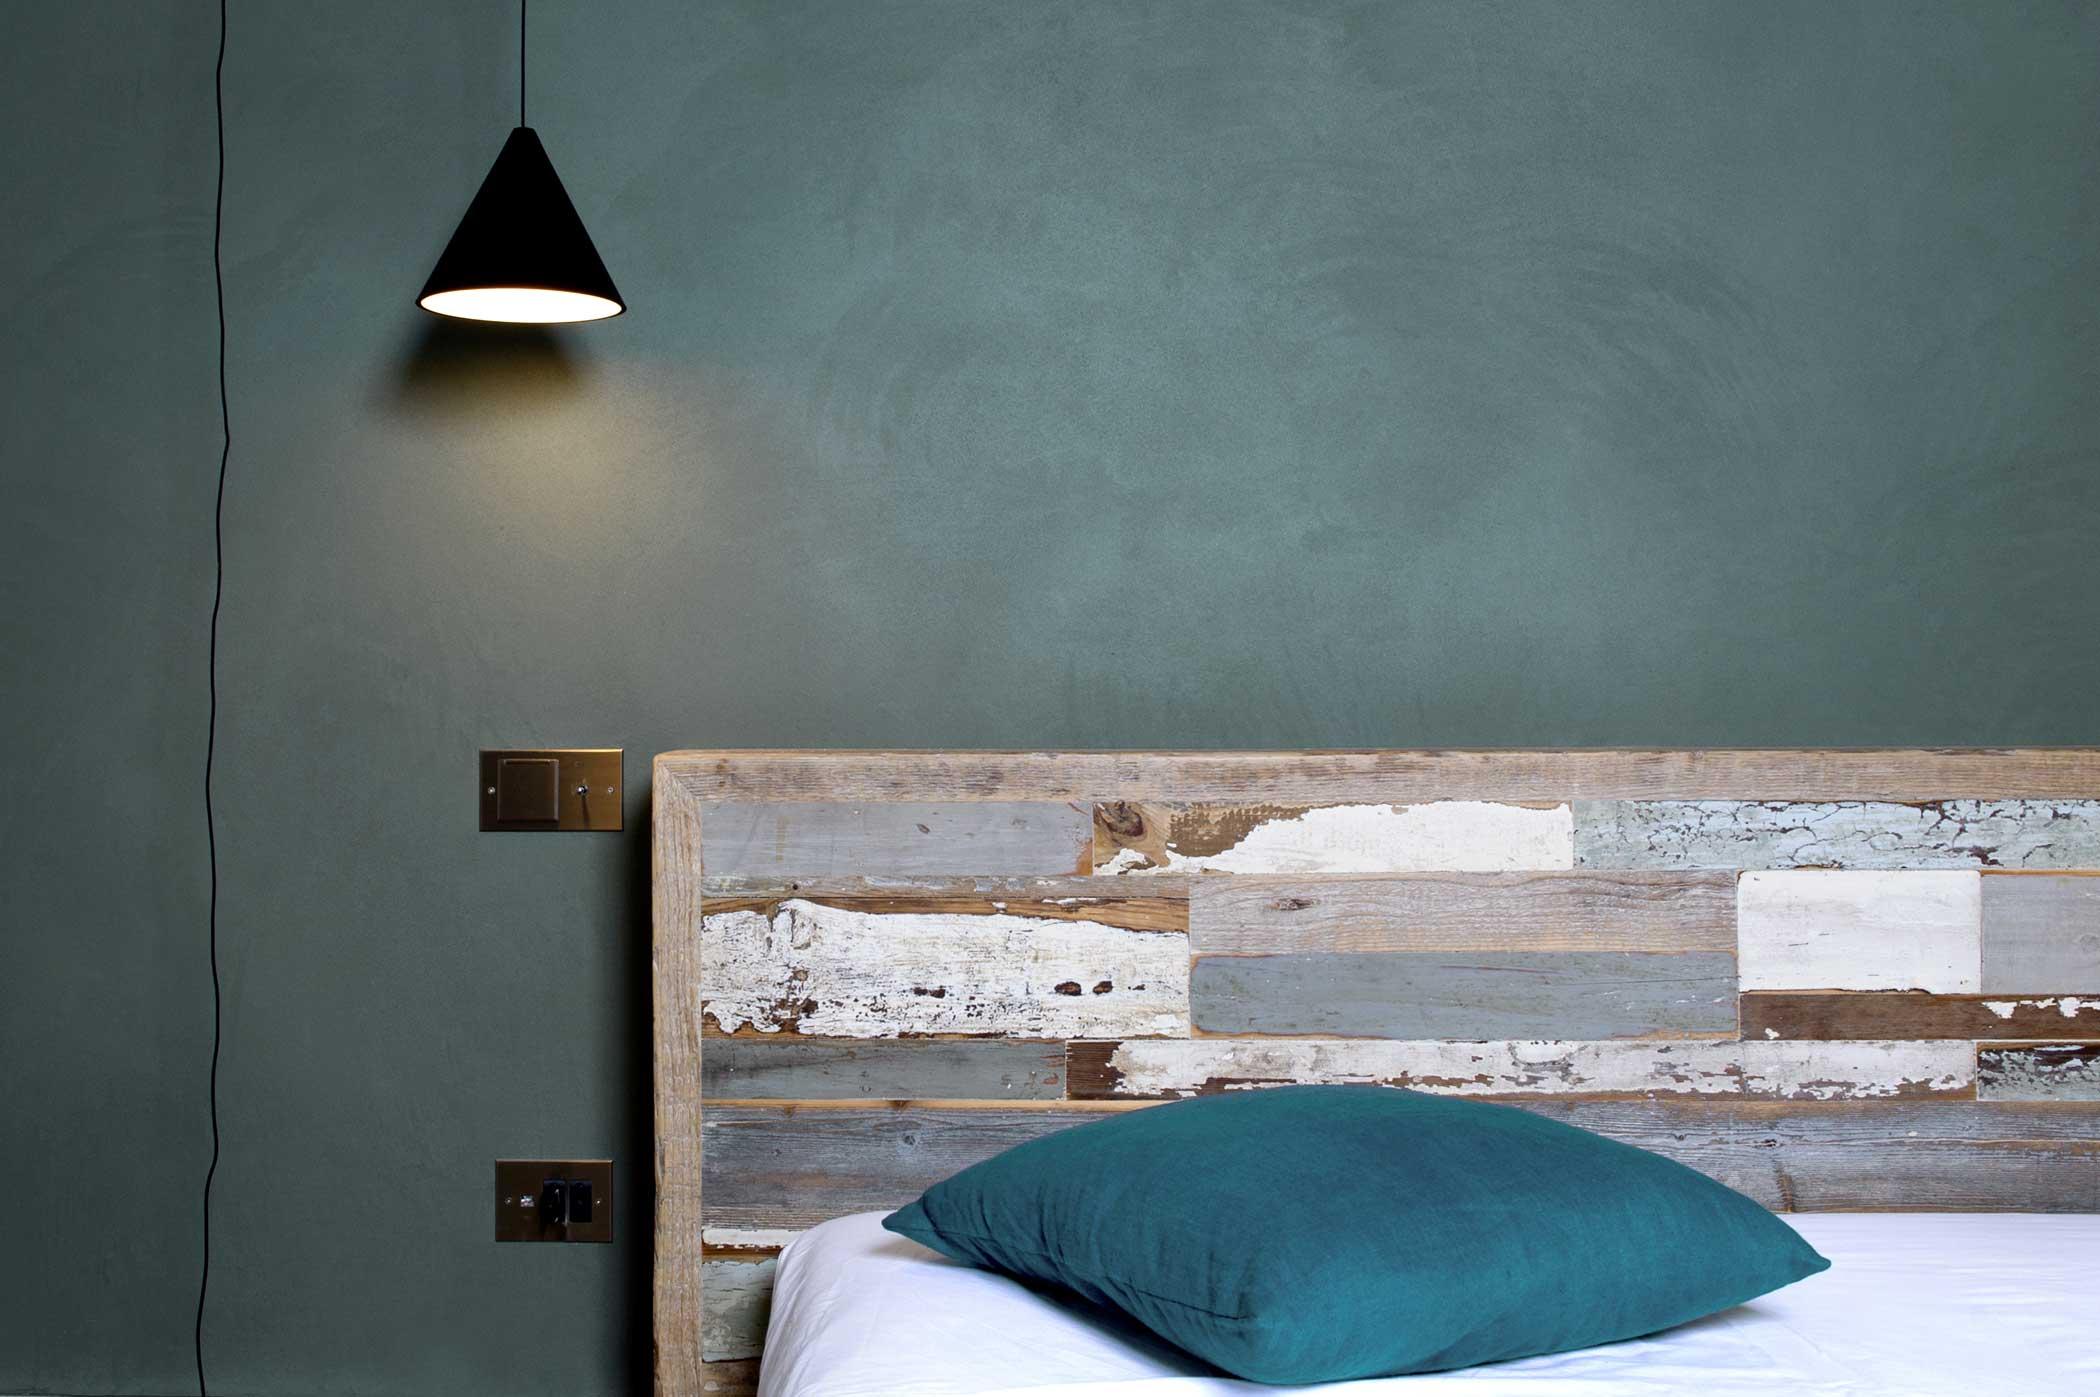 Struttura letto artigianale con legni di recupero blu e legno vintage